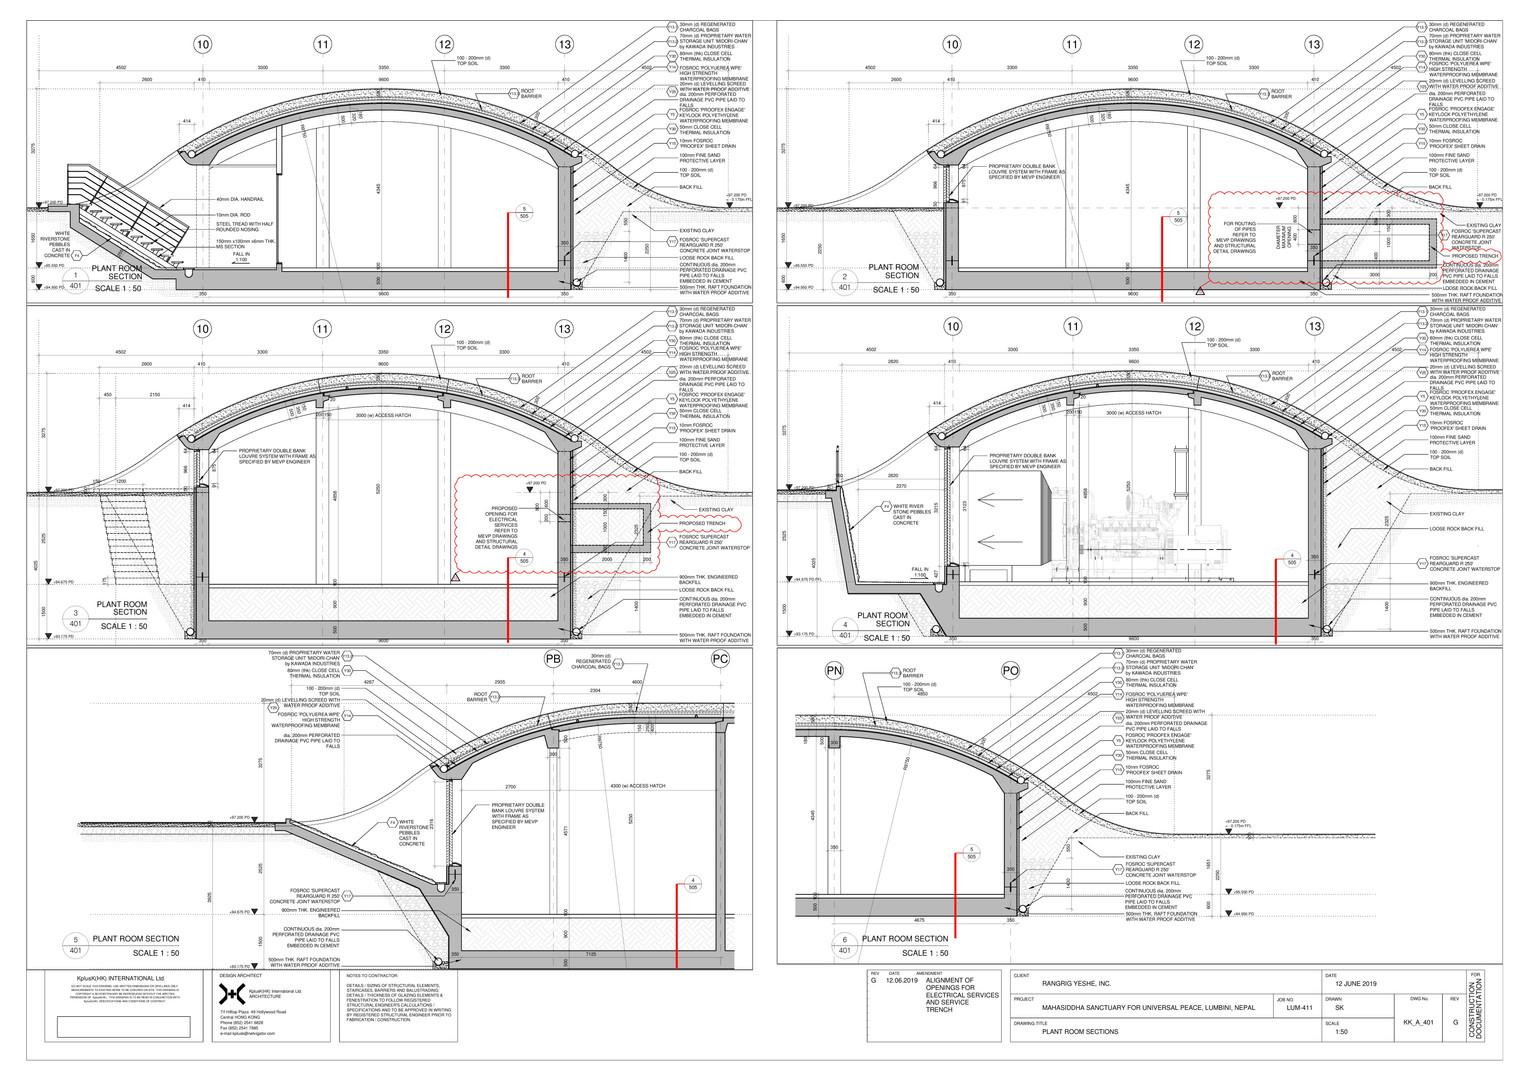 KK_A_401-Rev_G Plant Room Sections.jpg